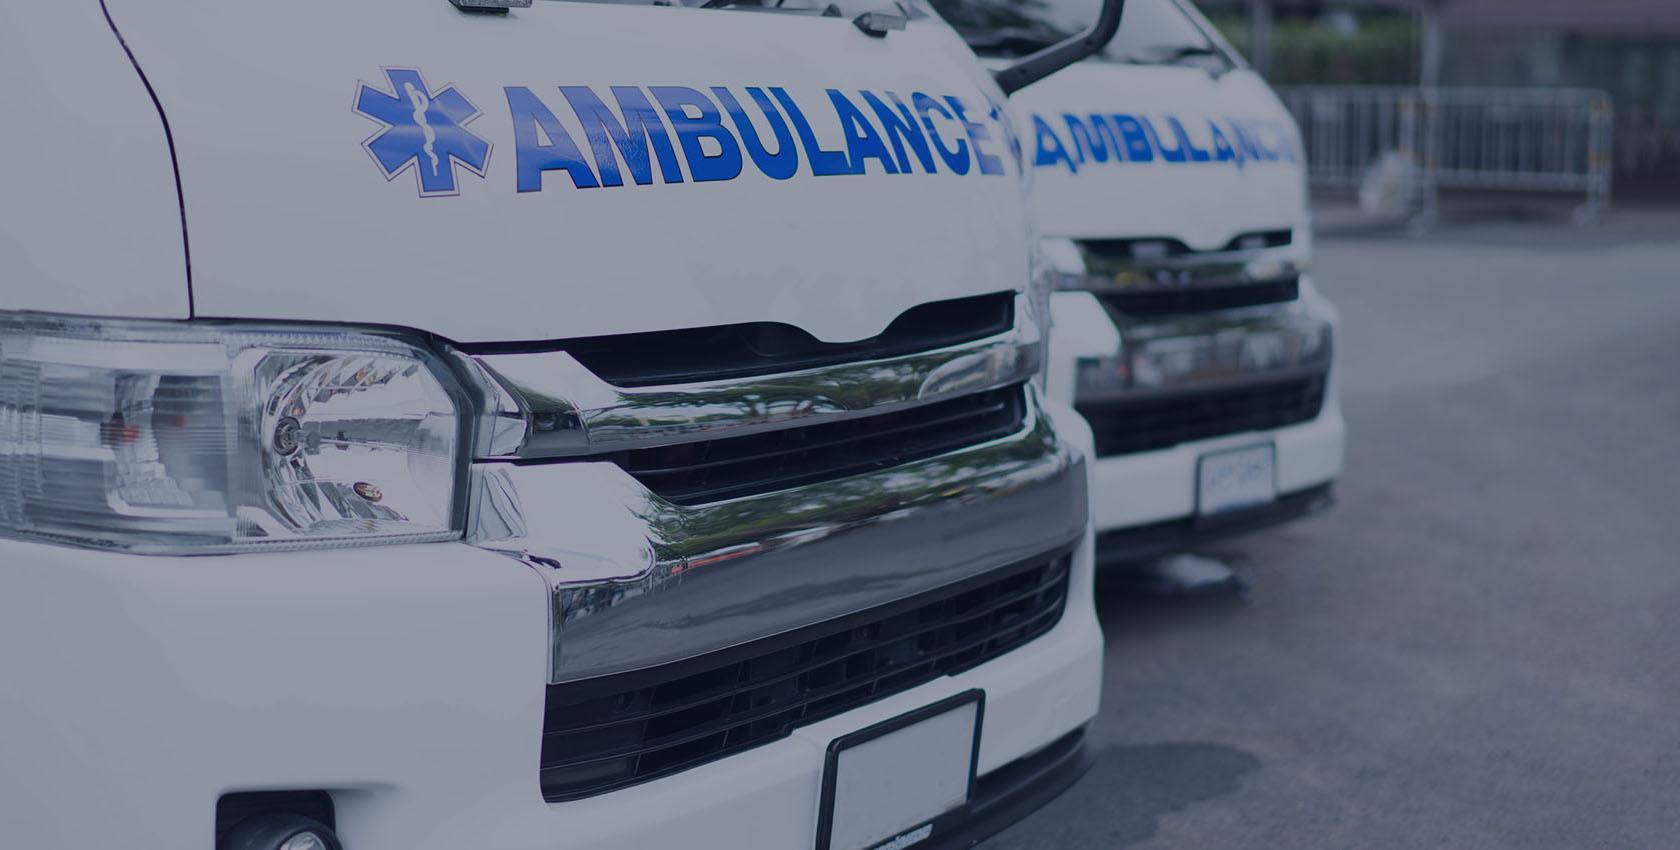 Ambulance orgeres